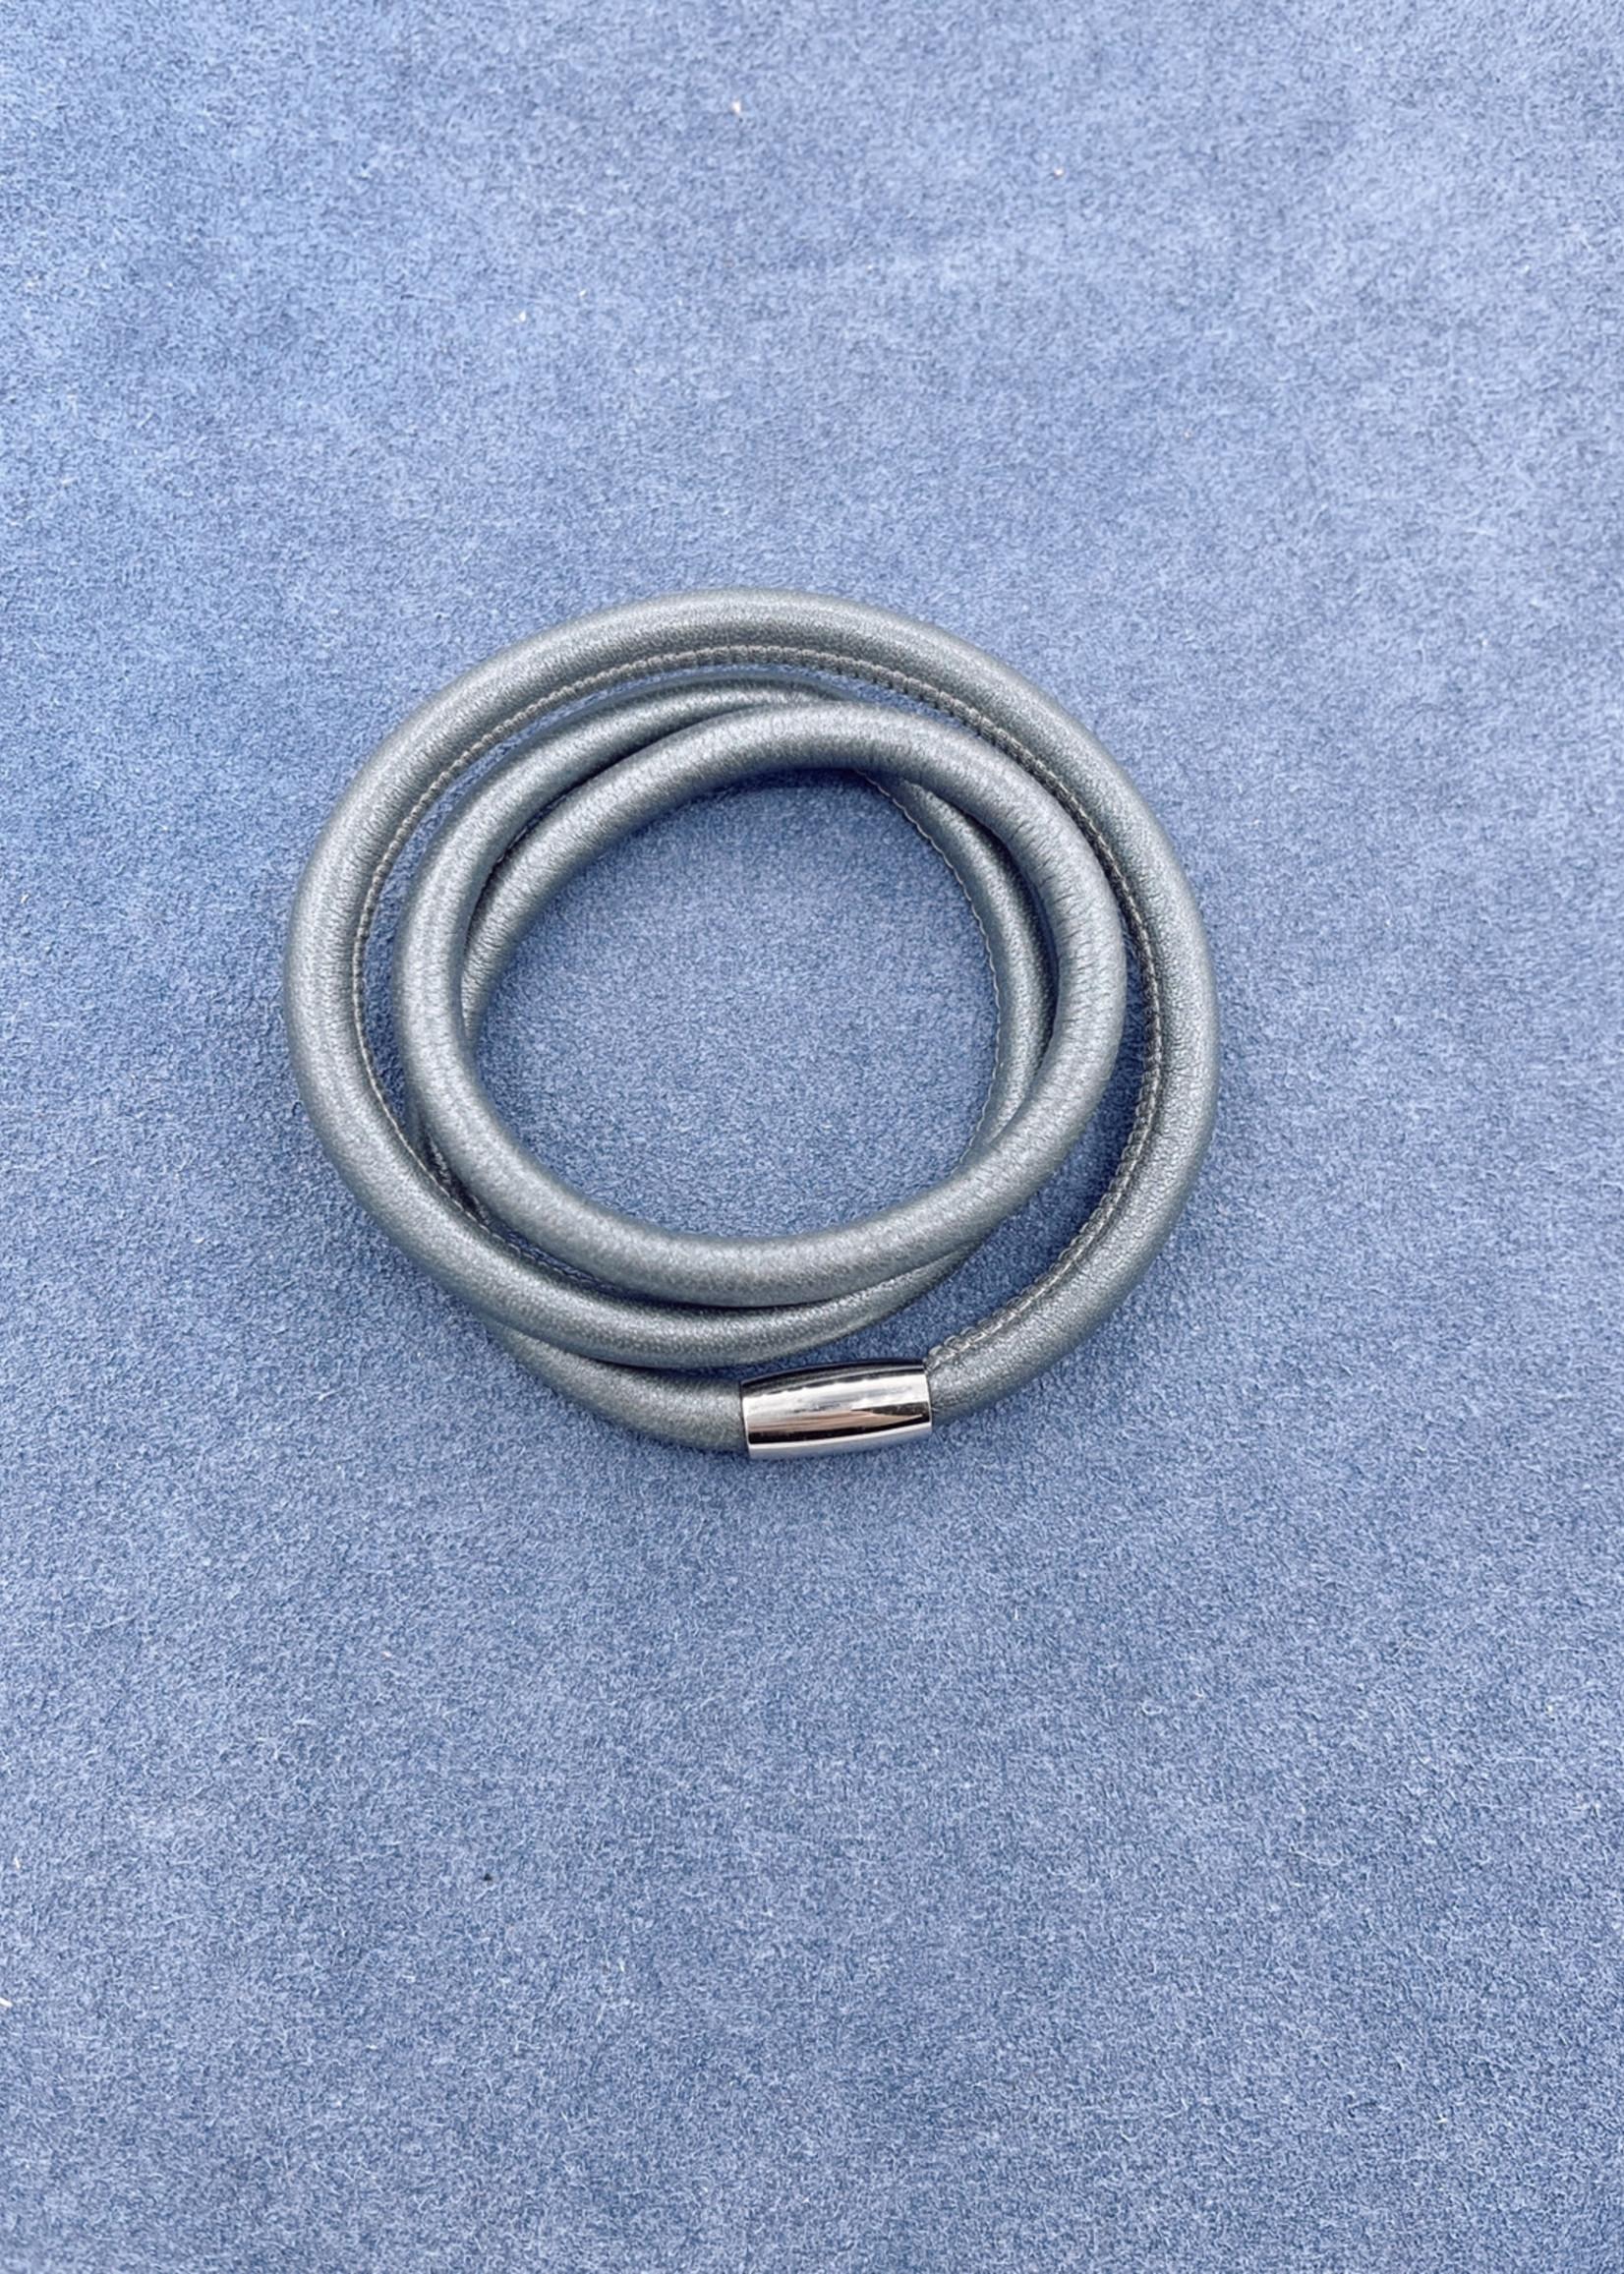 Stardom Grey Leather Charm Bracelet